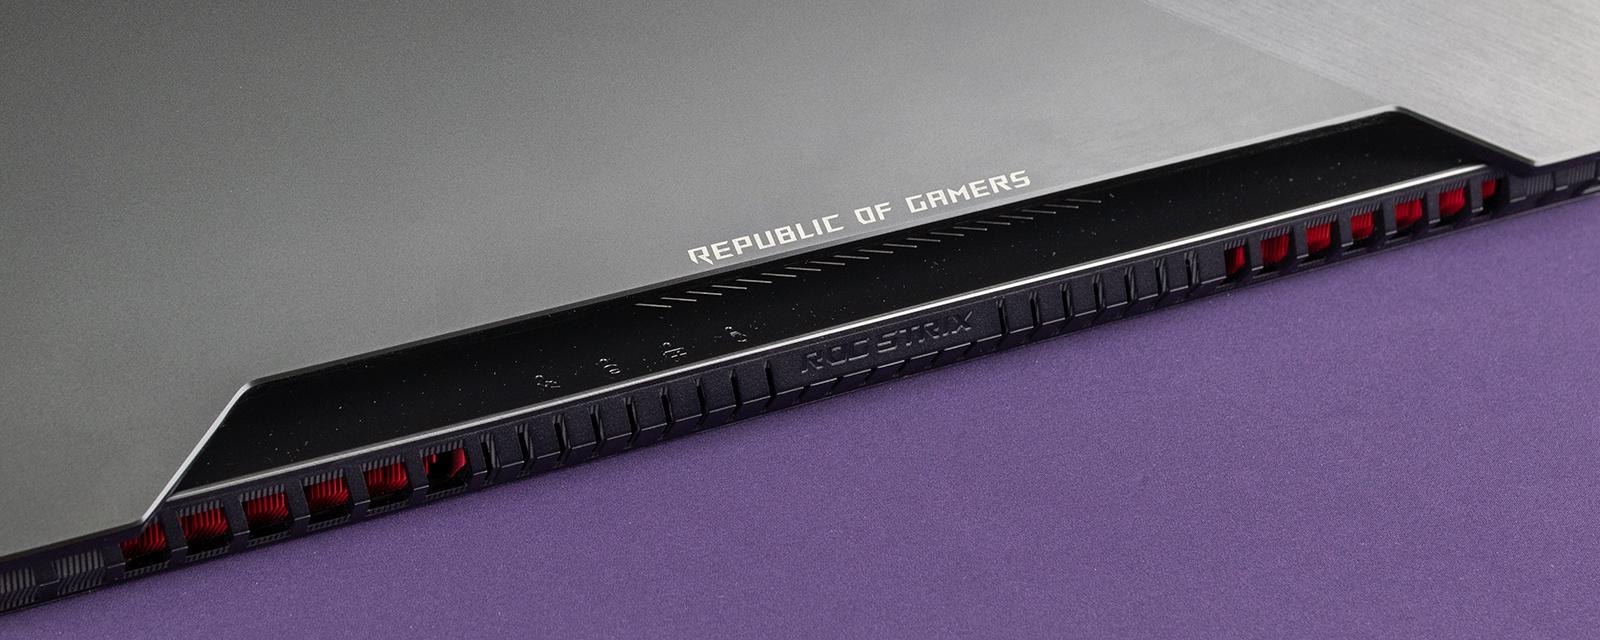 Обзор игровых ноутбуков ASUS ROG Strix GL504GS SCAR II и ASUS ROG Strix GL504GM HERO II - 31